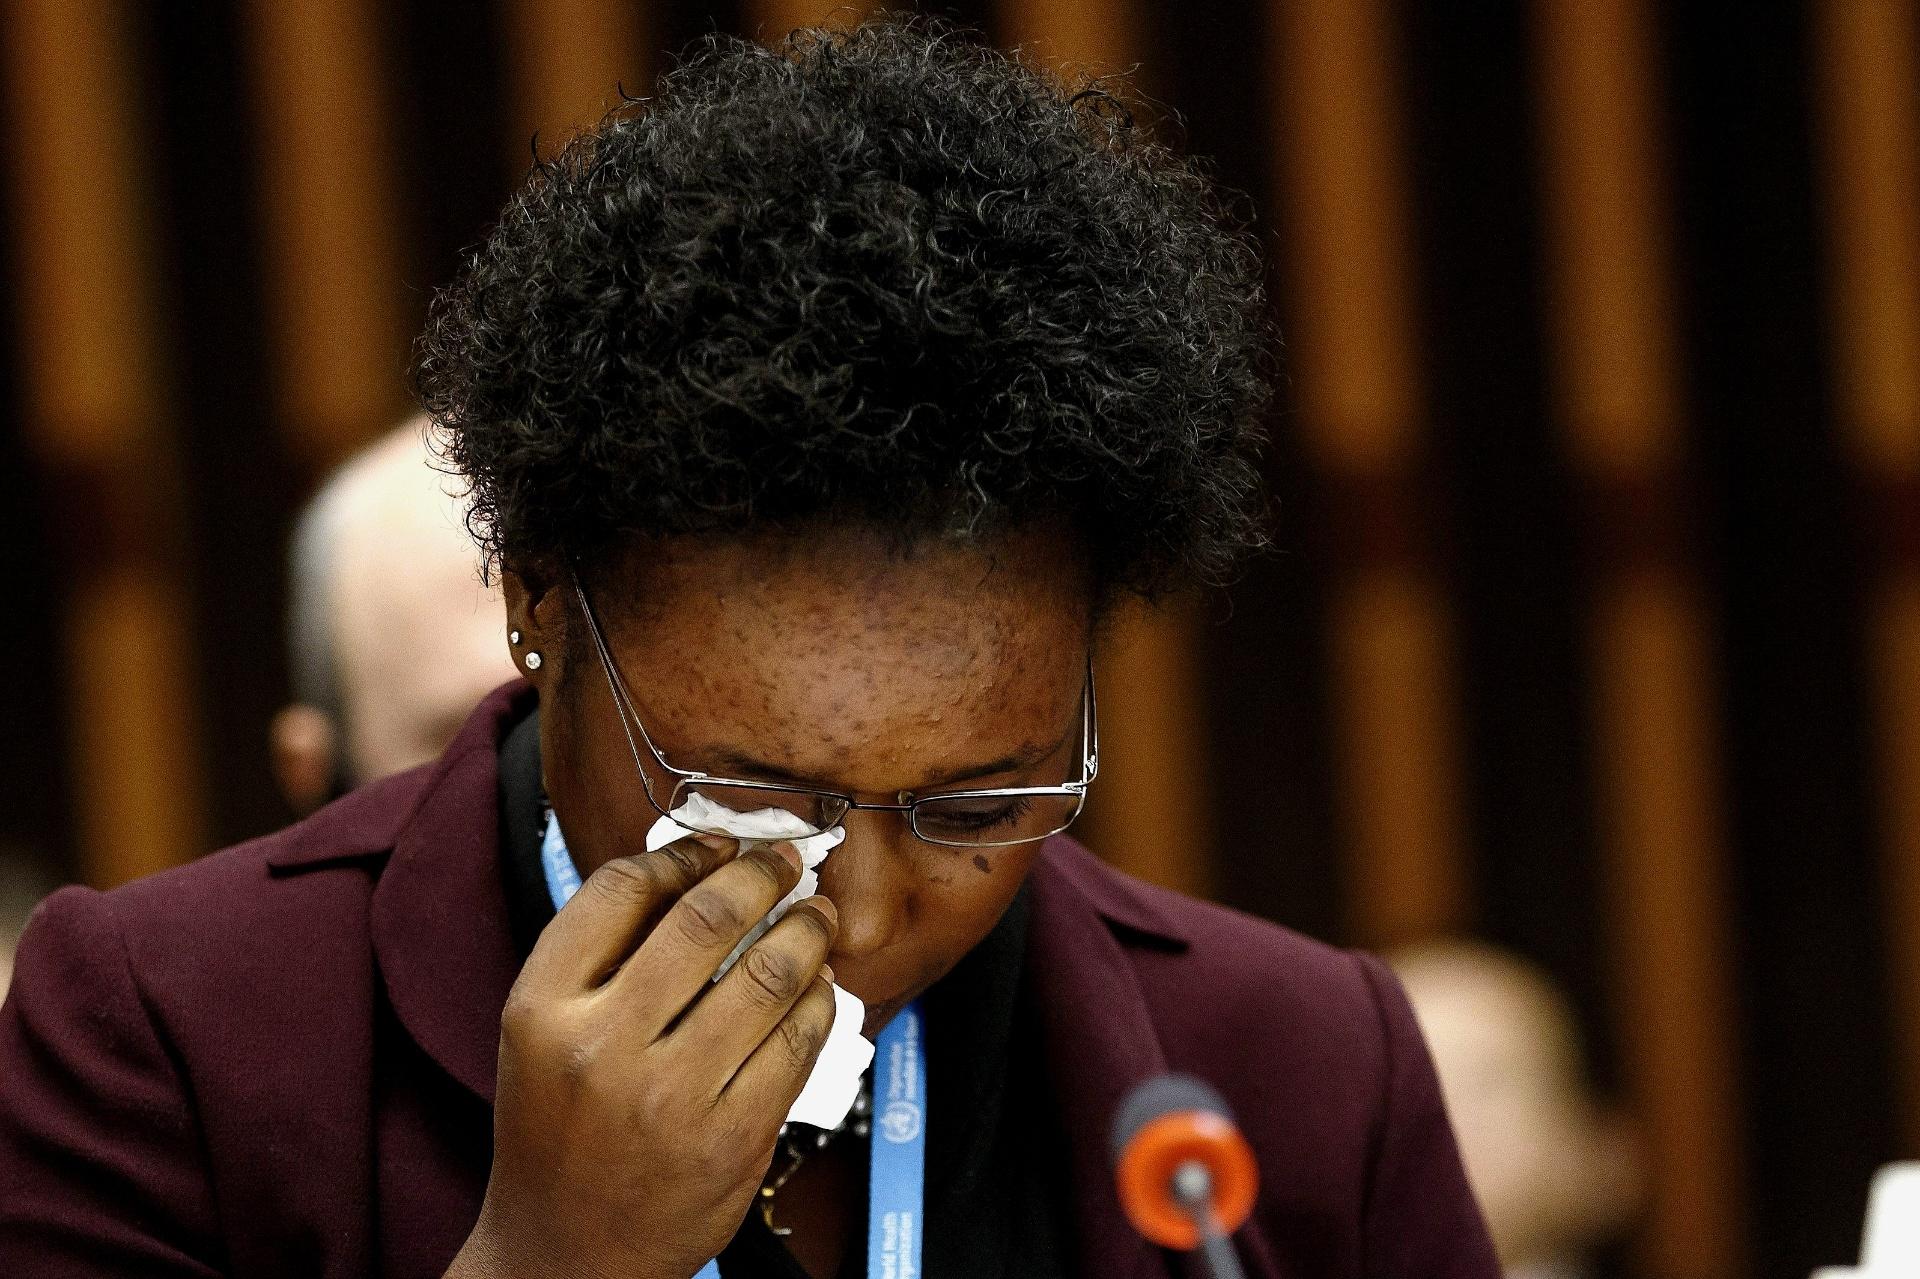 25.jan.2015 - Rebecca Johnson, de Serra Leoa, chora ao falar durante a sessão especial sobre Ebola na sede da Organização Mundial da Saúde, em Genebra, na Suíça. Ela é uma agente de saúde e sobreviveu ao vírus